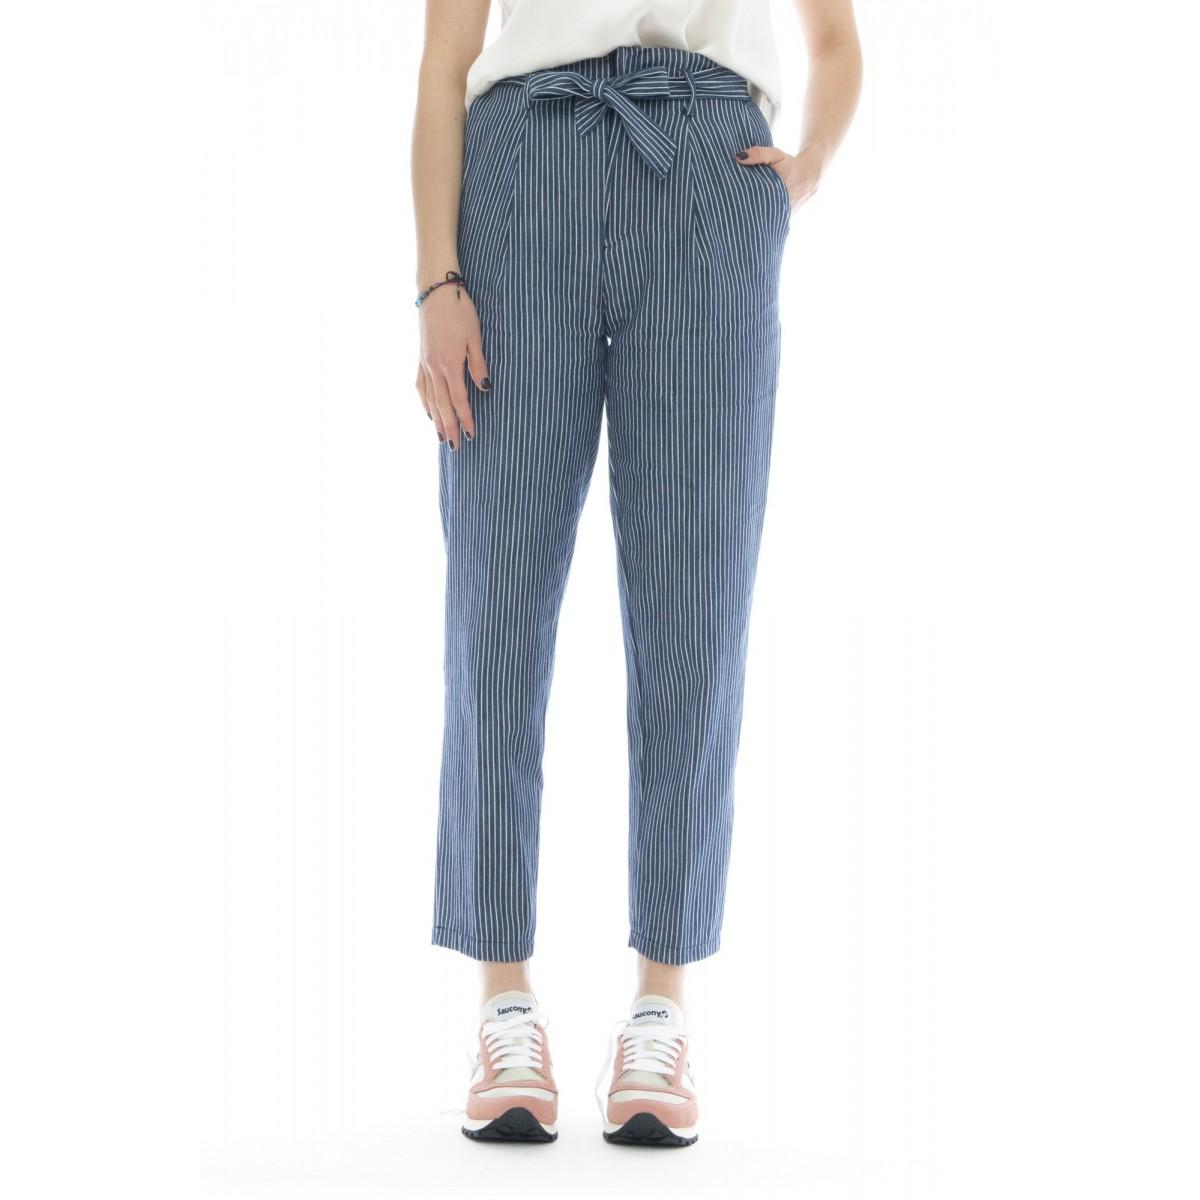 Pantaloni - Pdera pantalone rigato